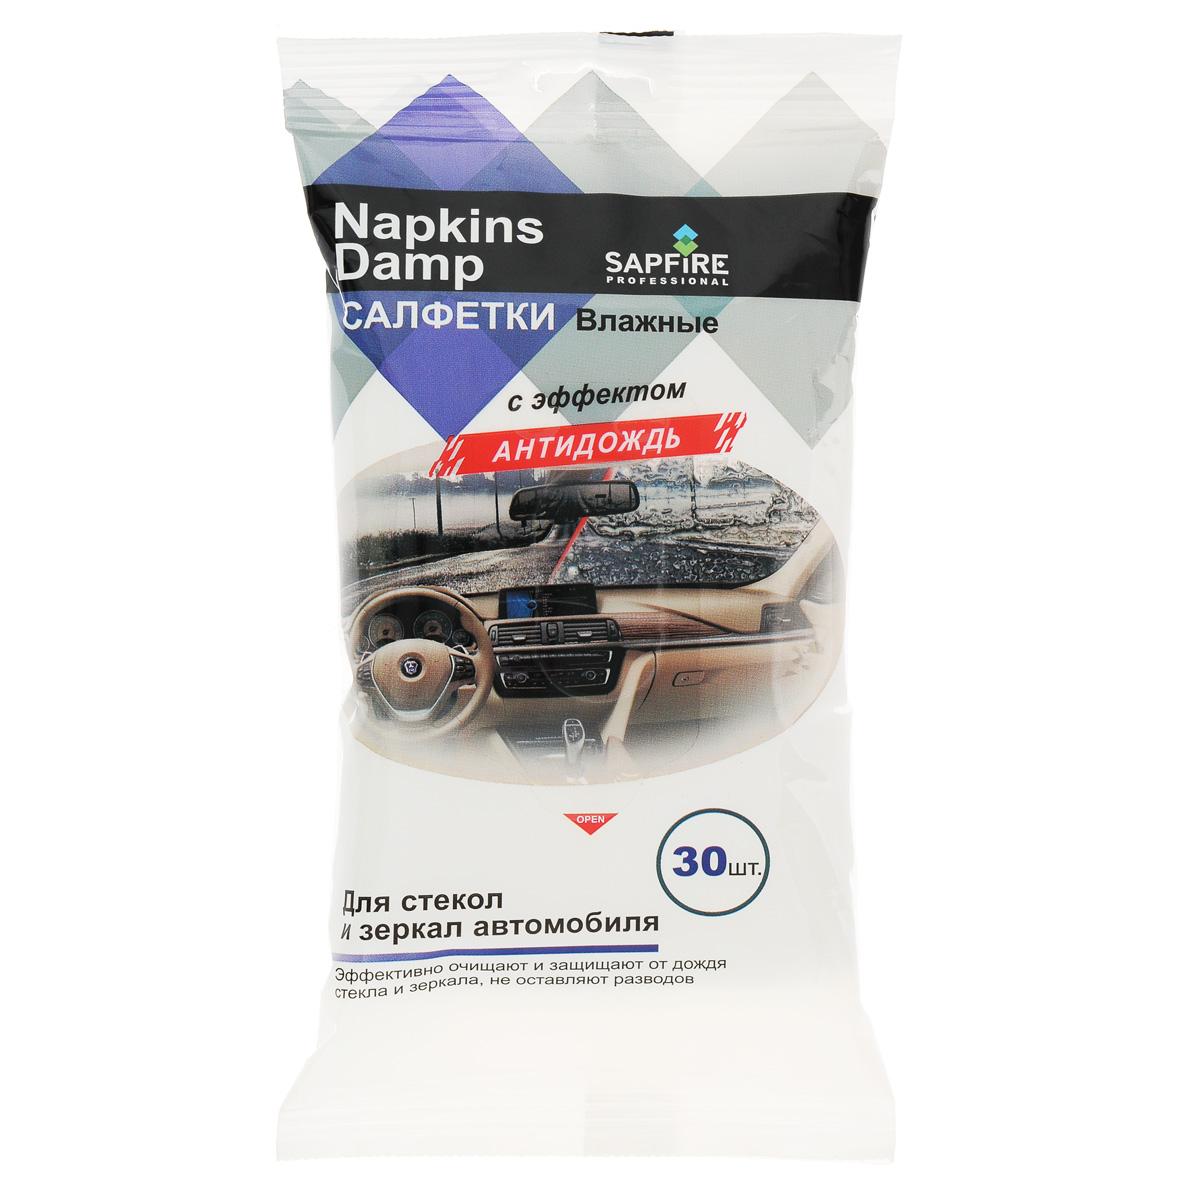 Салфетки влажные Sapfire, с эффектом антидождь, 30 шт салфетки влажные sapfire с эффектом антидождь 30 шт